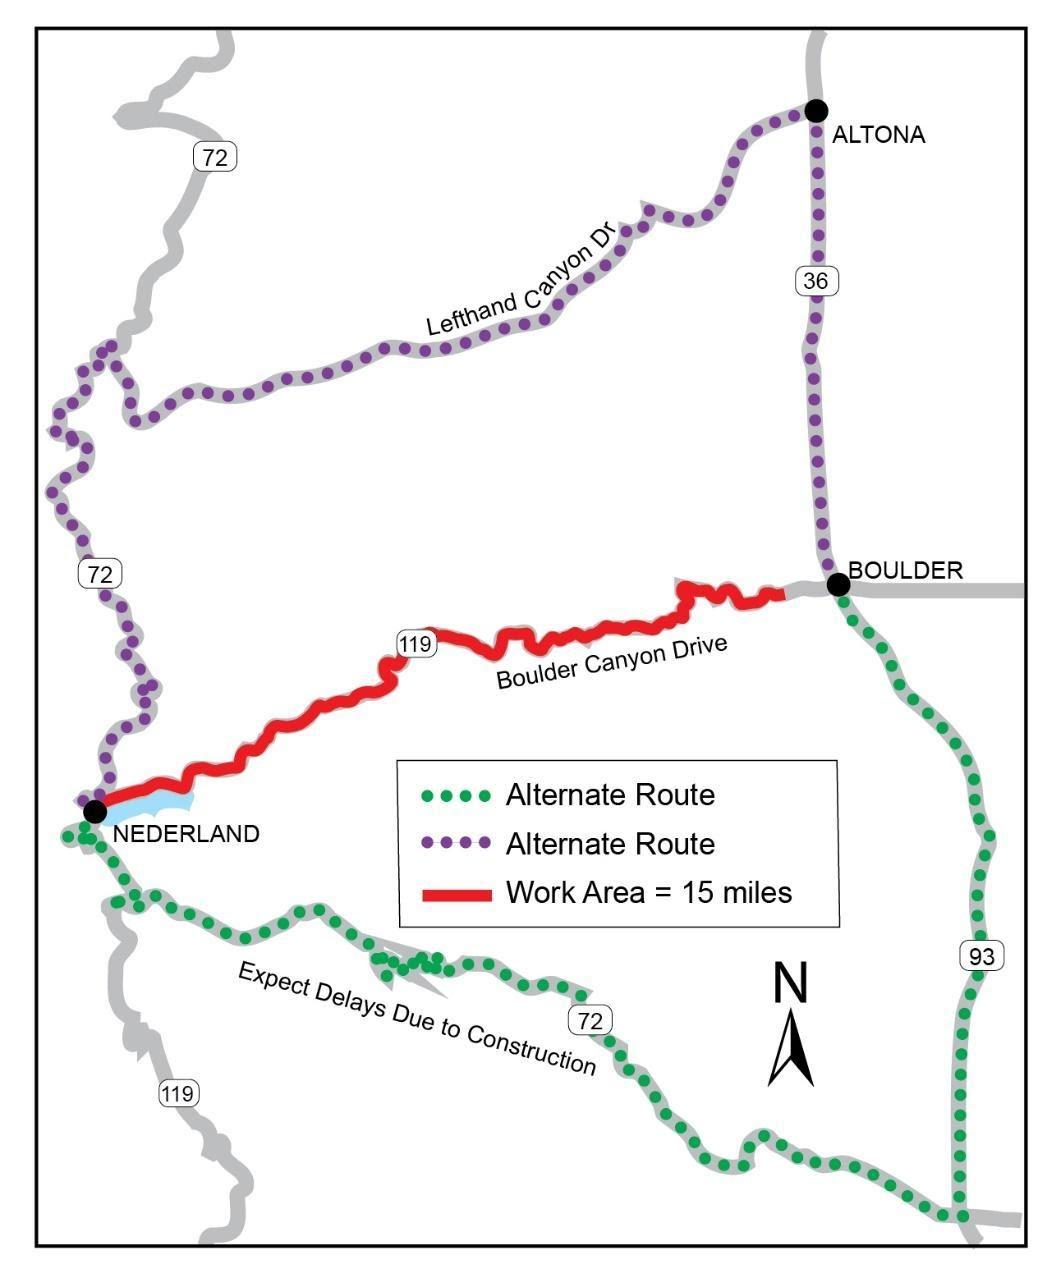 Boulder canyon 2-6-20.jpg detail image